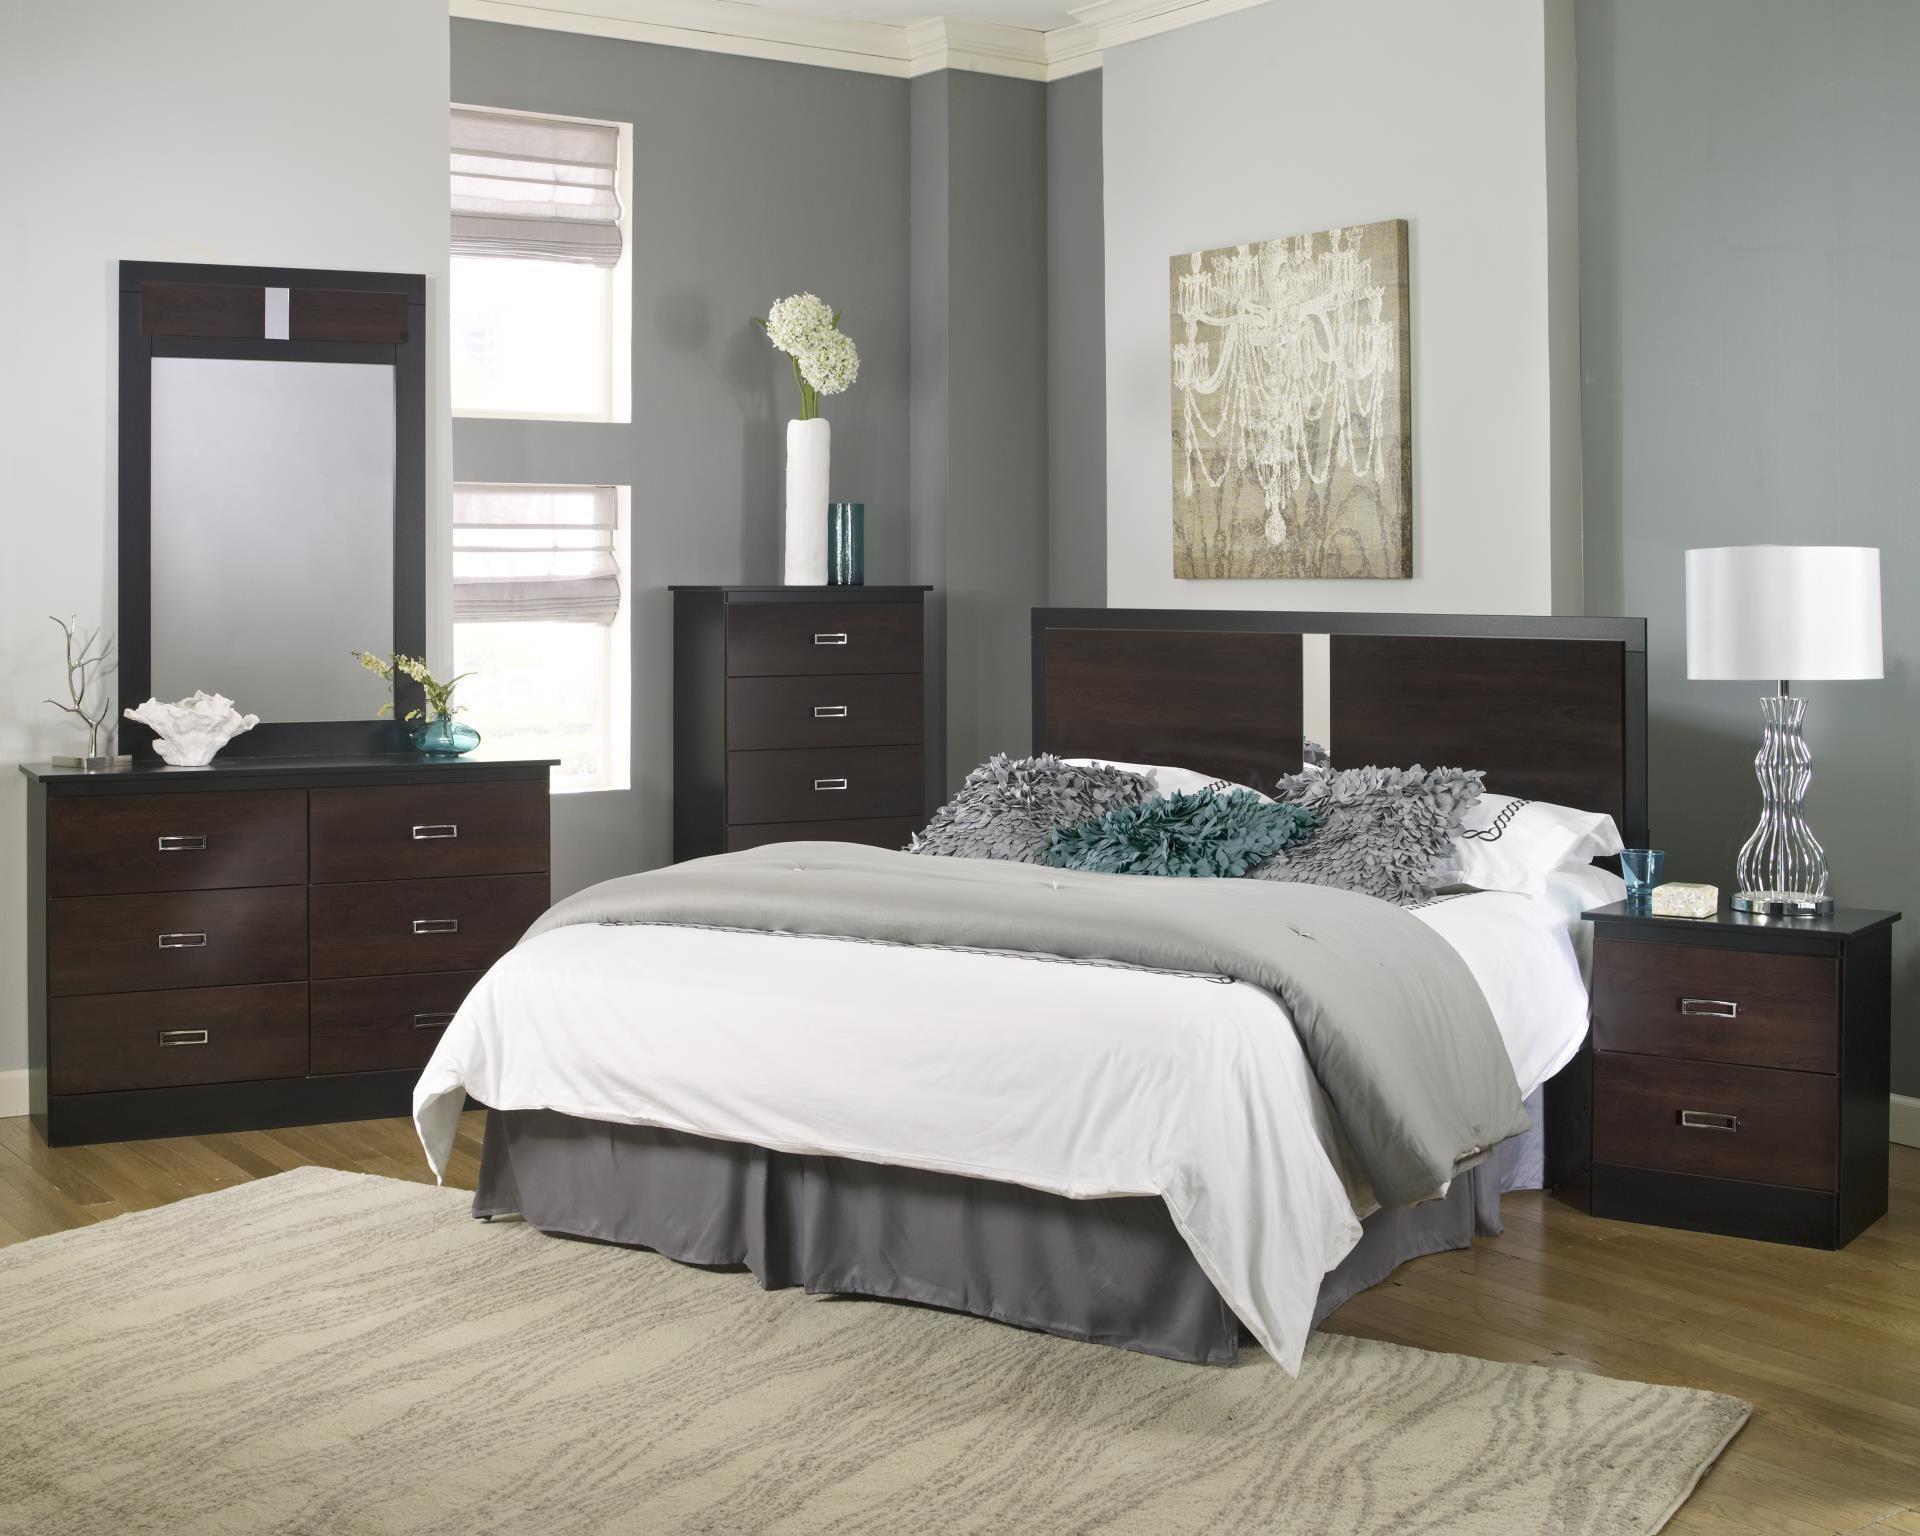 Bett Designs Katalog Schlafzimmer Styles Schlafzimmer